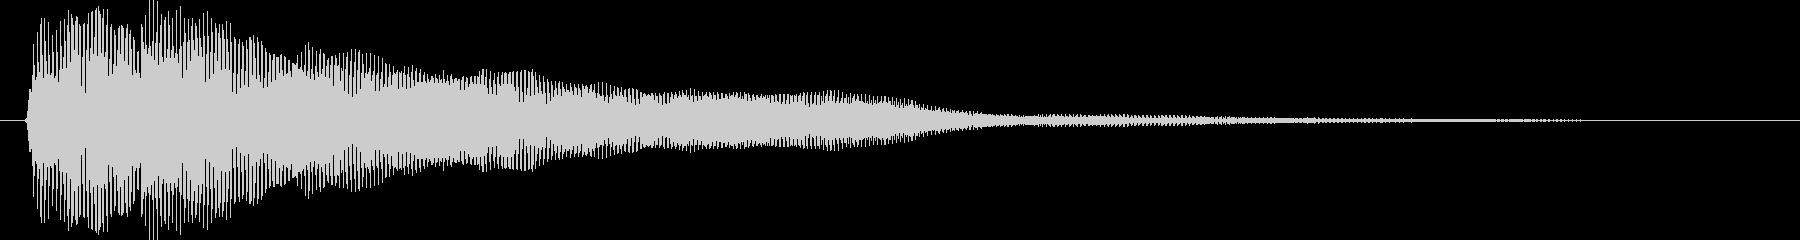 ディディーン(ピアノジングル:低音)の未再生の波形